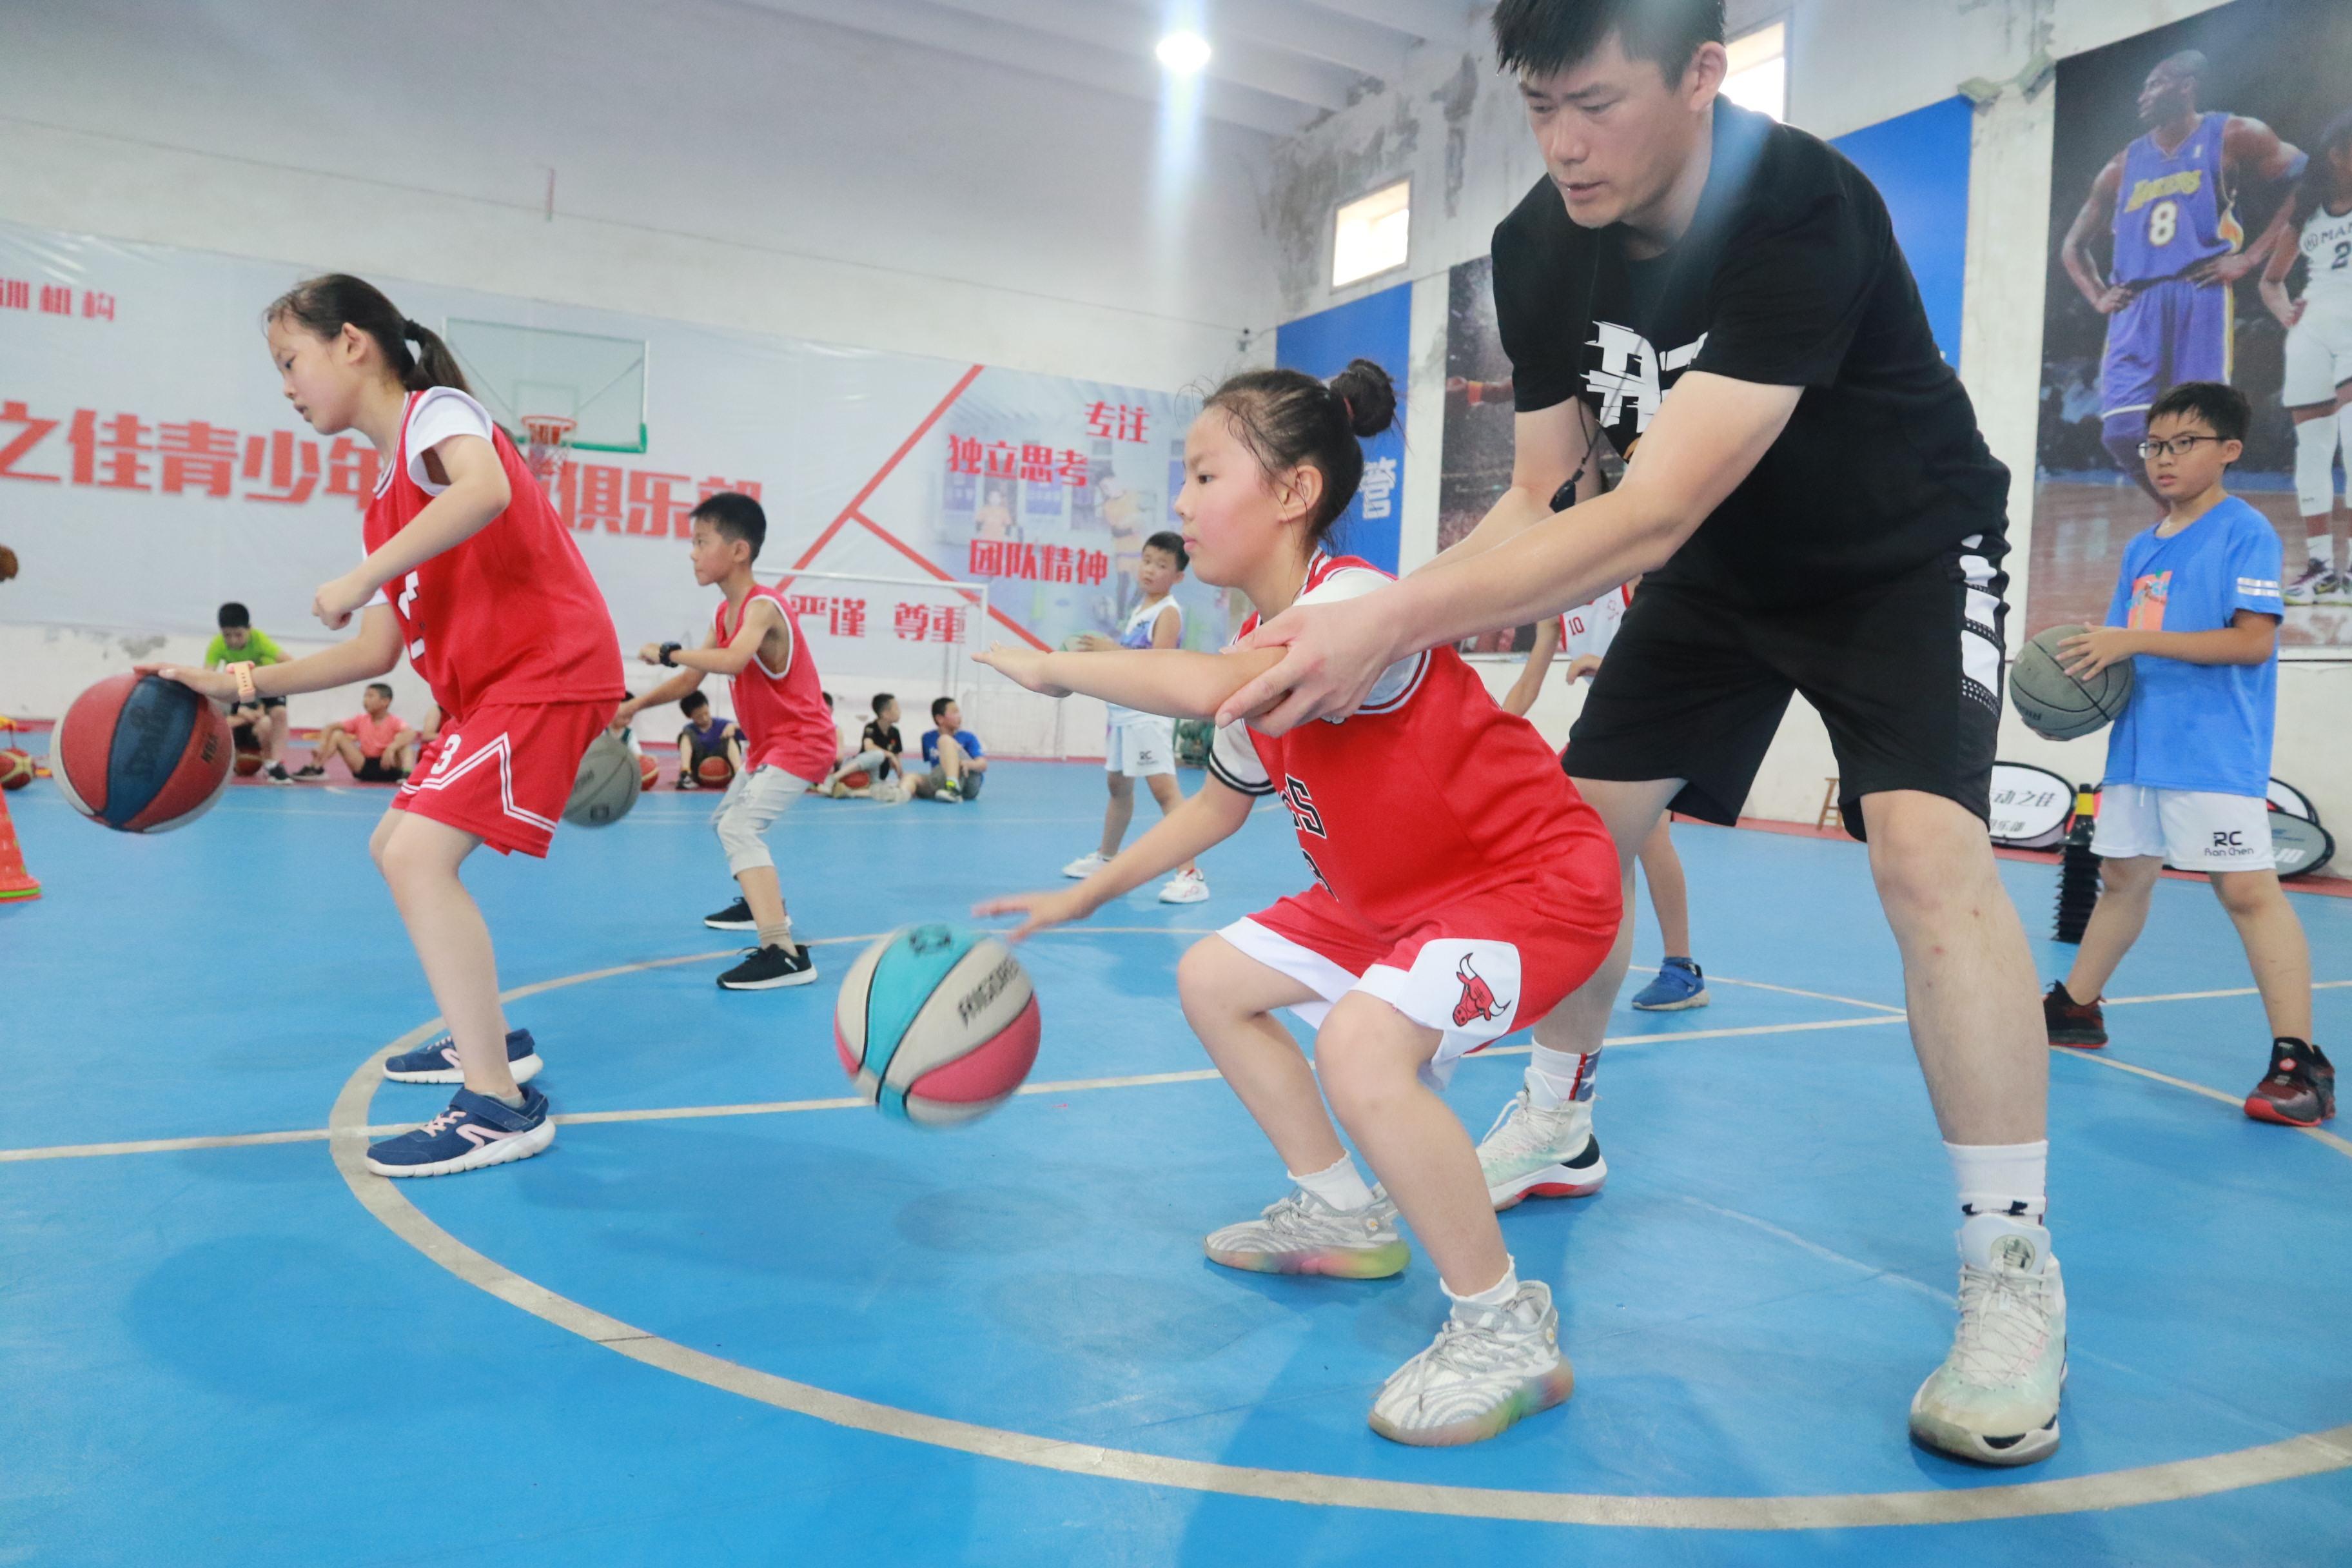 快乐篮球伴暑期